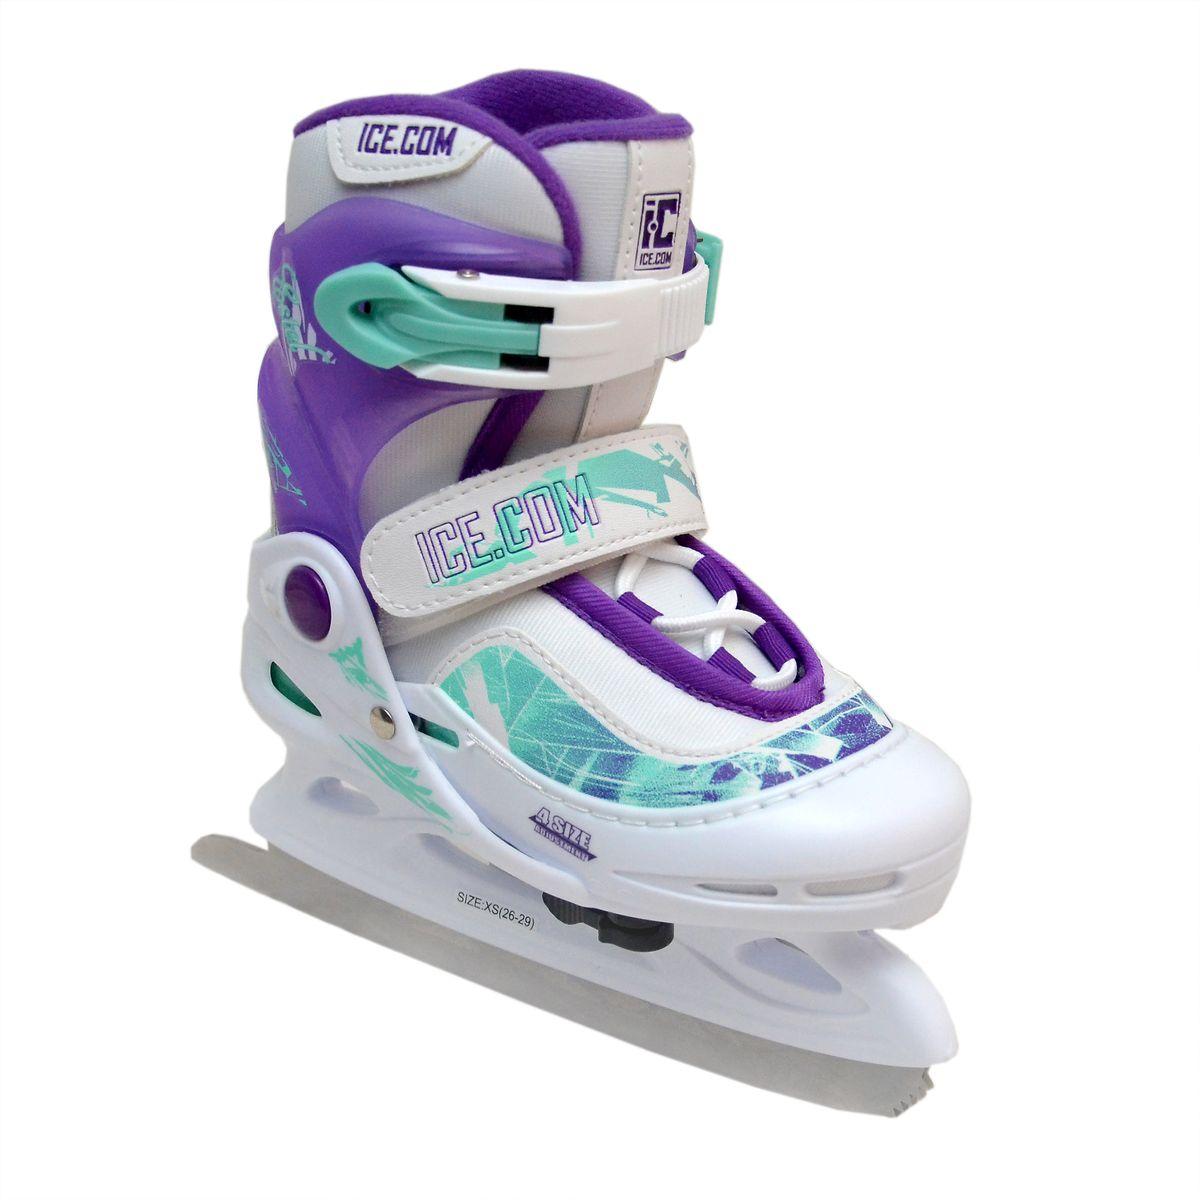 Коньки ледовые для девочки Ice. Com Estel, раздвижные, цвет: белый, фиолетовый, бирюзовый. Размер 26/29EstelЯркие ледовые коньки для девочки Estel от Ice. Com отлично подойдут для начинающих обучаться катанию. Ботинок Comfortable Fit крепко охватывает ногу, оставаясь удобным для катания. Он изготовлен из морозостойкого пластика, который защитит ногу от ударов, и прочного нейлона со вставками из ПВХ. Поролоновый утеплитель не позволит ногам замерзнуть. Четкую фиксацию голени обеспечивают шнуровка Quick Lace, застежка на липучке Velcro и застежка с фиксатором Power Strap. Стальное фигурное лезвие обеспечит превосходное скольжение. Особенностью коньков является раздвижная конструкция, которая позволяет увеличивать длину ботинка на 4 размера по мере роста ноги ребенка. Размер регулируется при помощи рычажка. Оформлена модель оригинальными узорами и тиснениями в виде логотипа бренда на пятке, язычке и застежке. Чтобы максимально точно подобрать размер коньков, определите длину своей стопы с точностью до миллиметра. Для этого поставьте босую ...